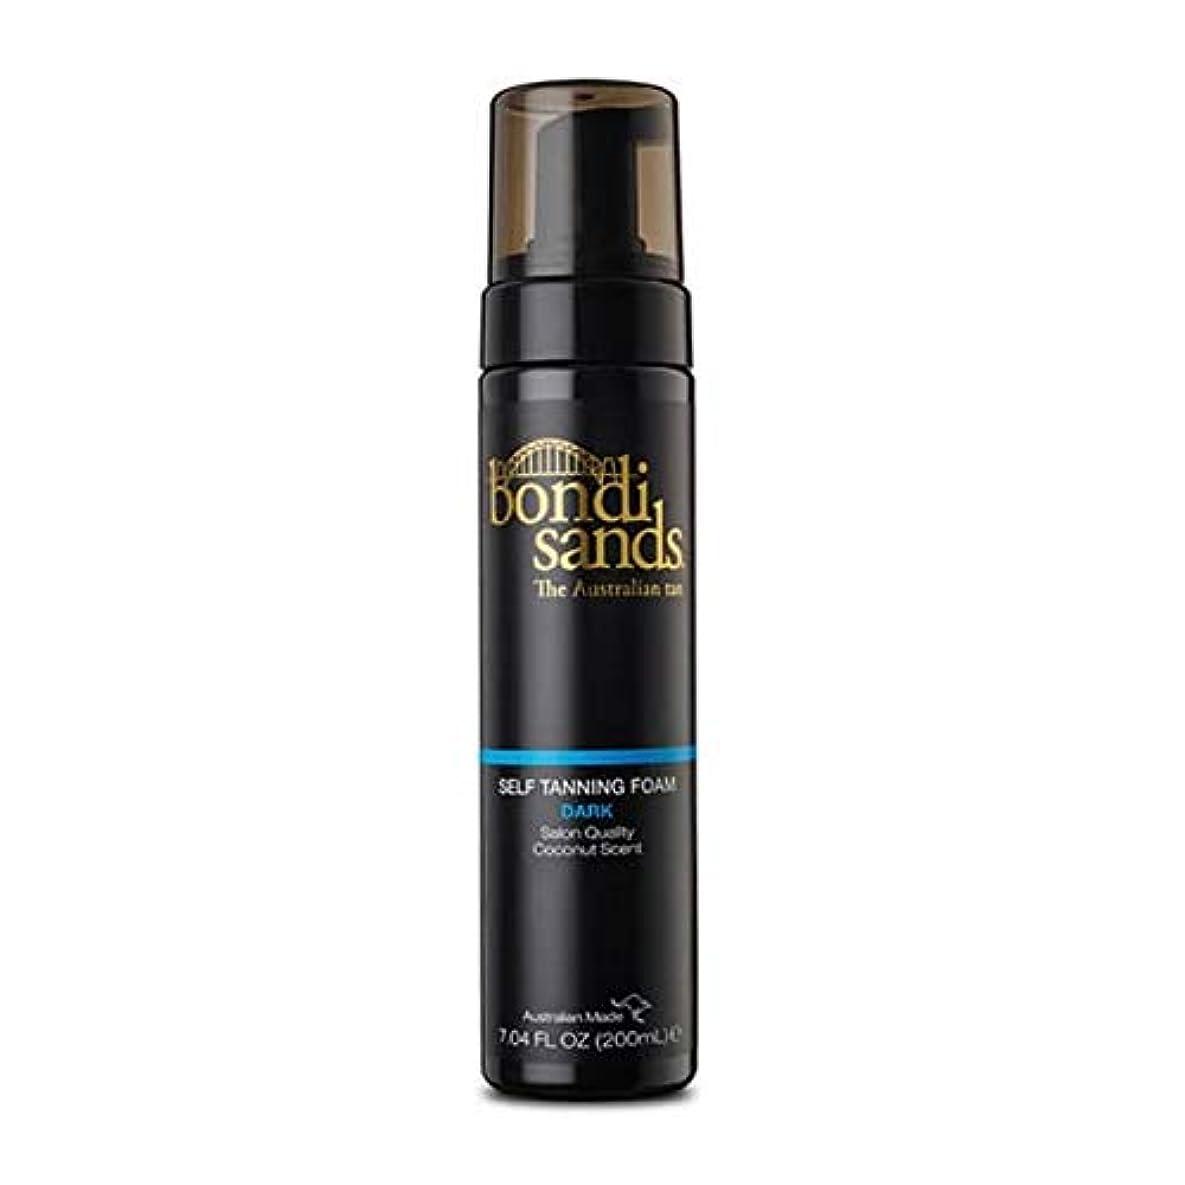 ギャロップチャンピオンシップ進化する[Bondi Sands ] ボンダイ砂セルフタンニングフォームダーク200ミリリットル - Bondi Sands Self tanning Foam Dark 200ml [並行輸入品]